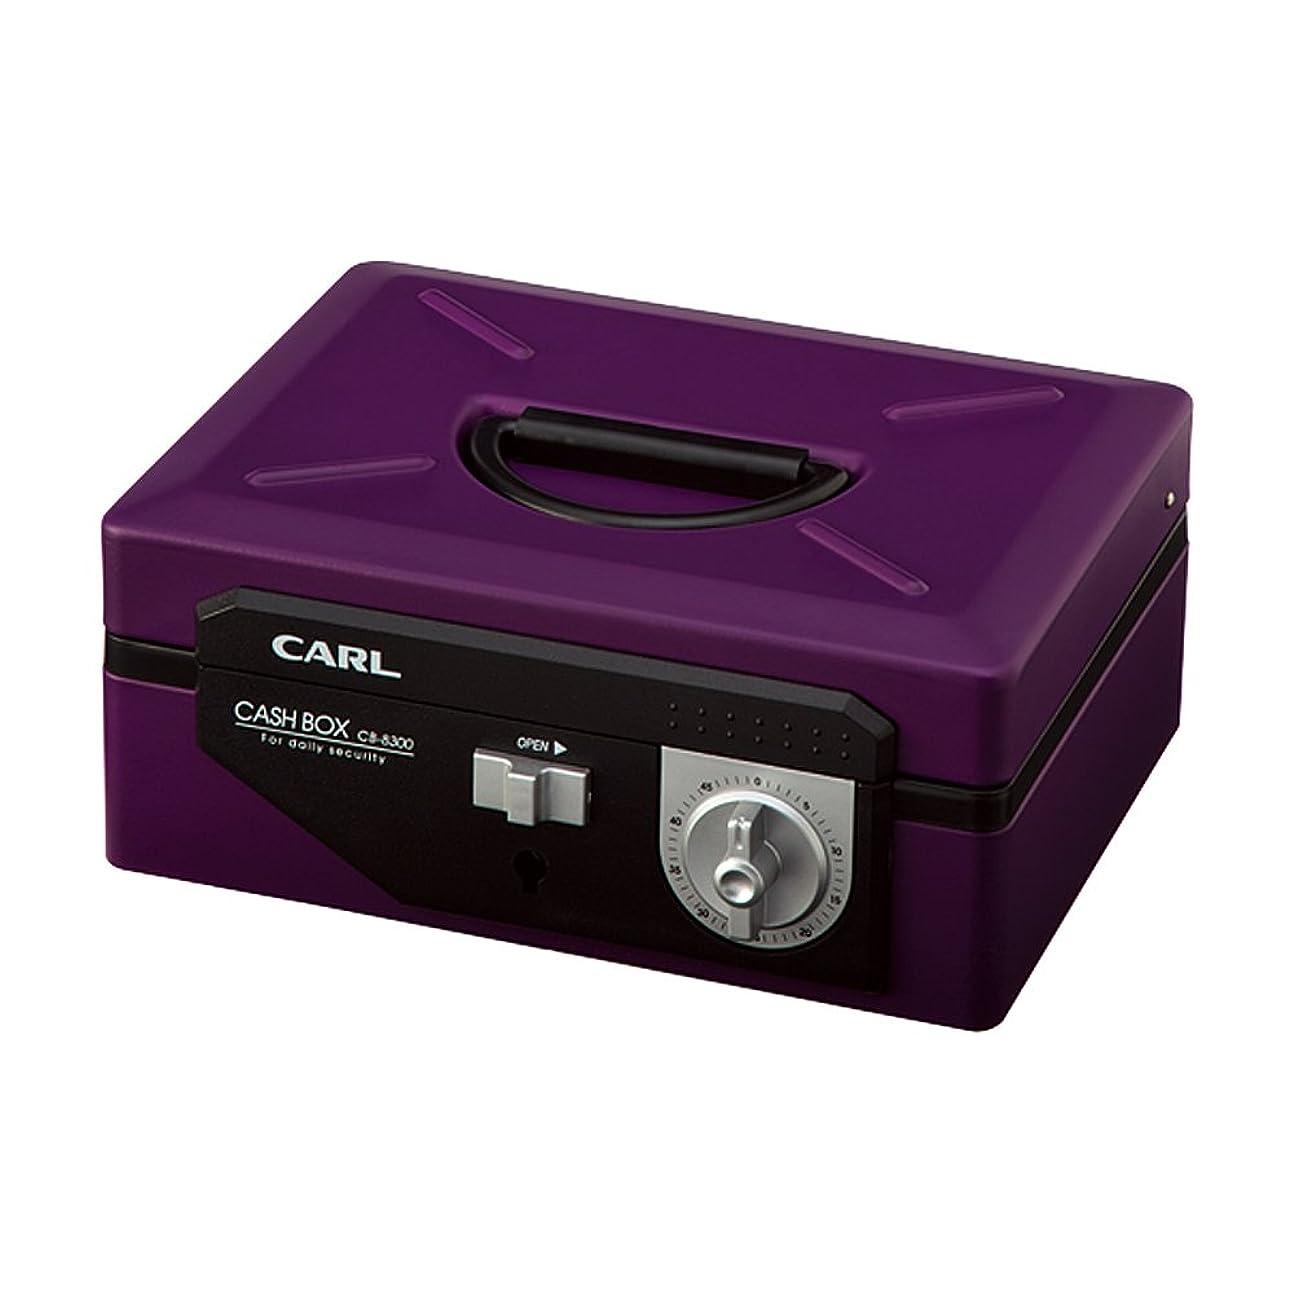 検出崇拝しますなんでもカール事務器 キャッシュボックス パープル CB-8300-F